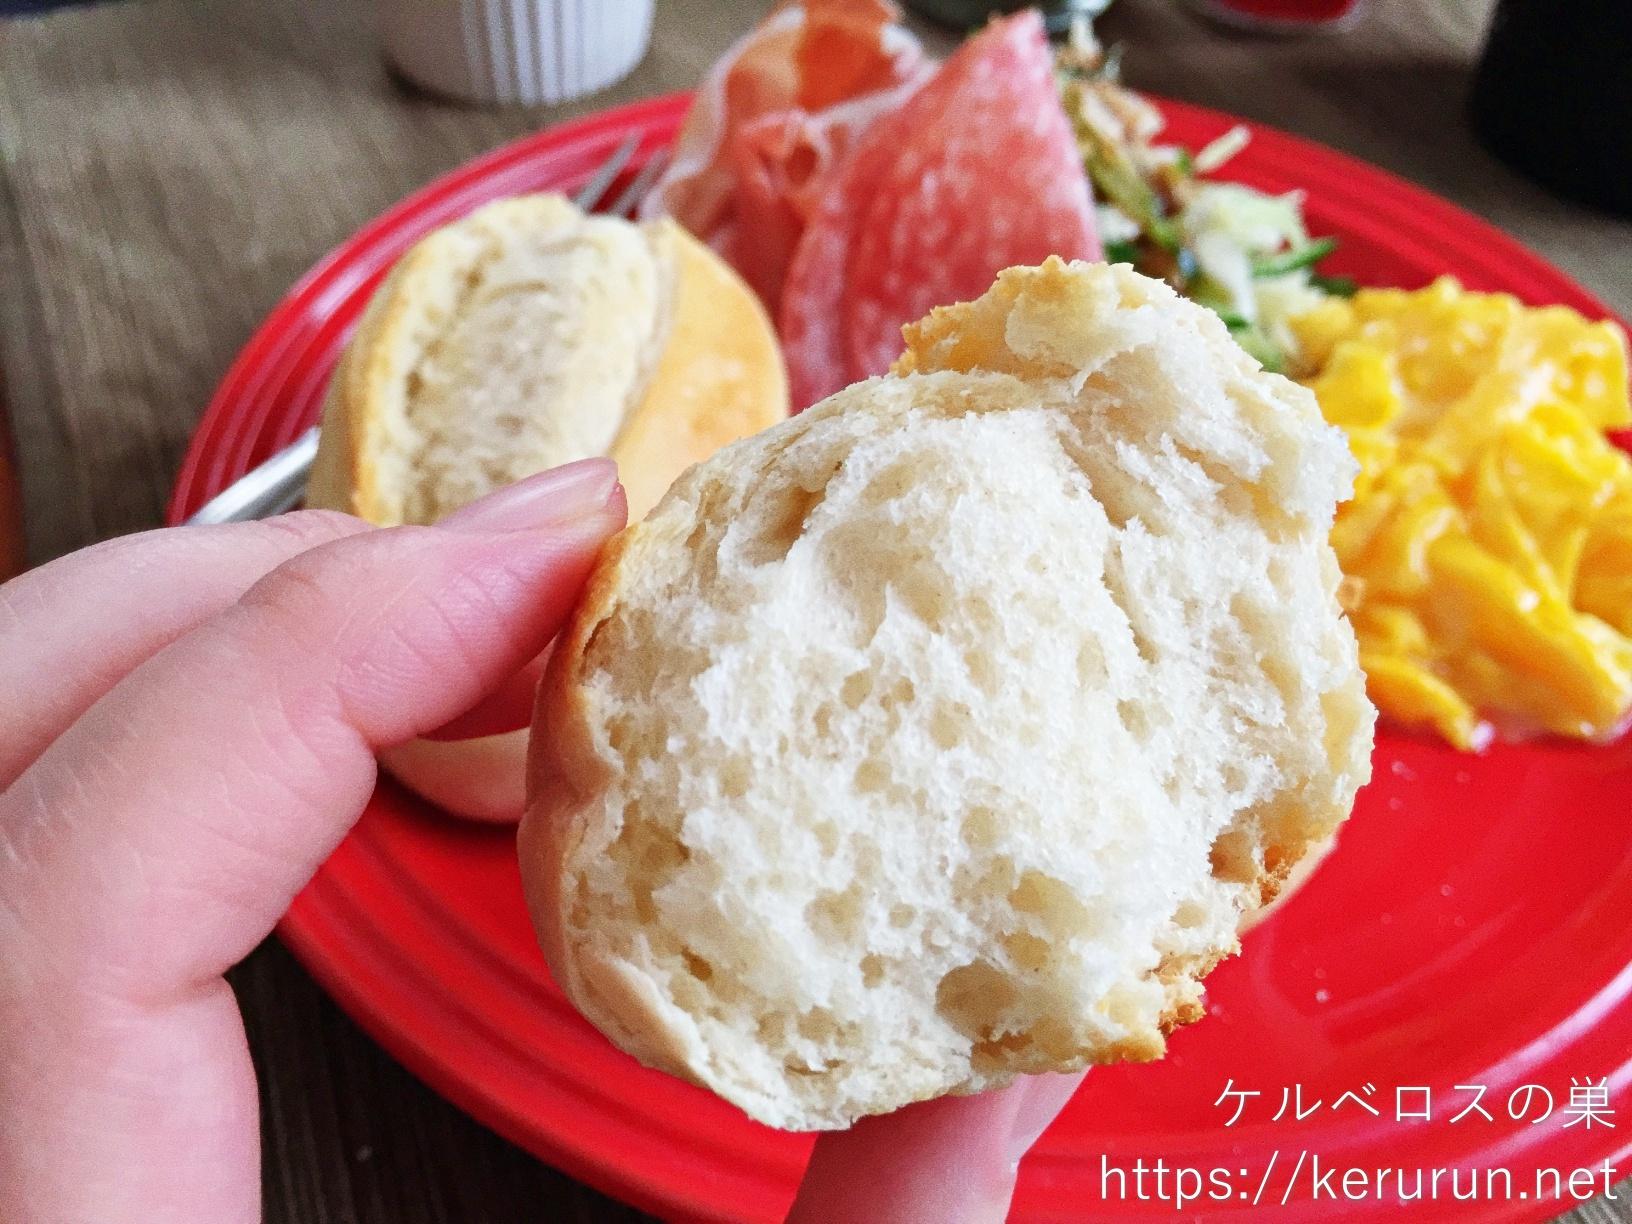 メニセーズのミニパンで休日の朝ごはん